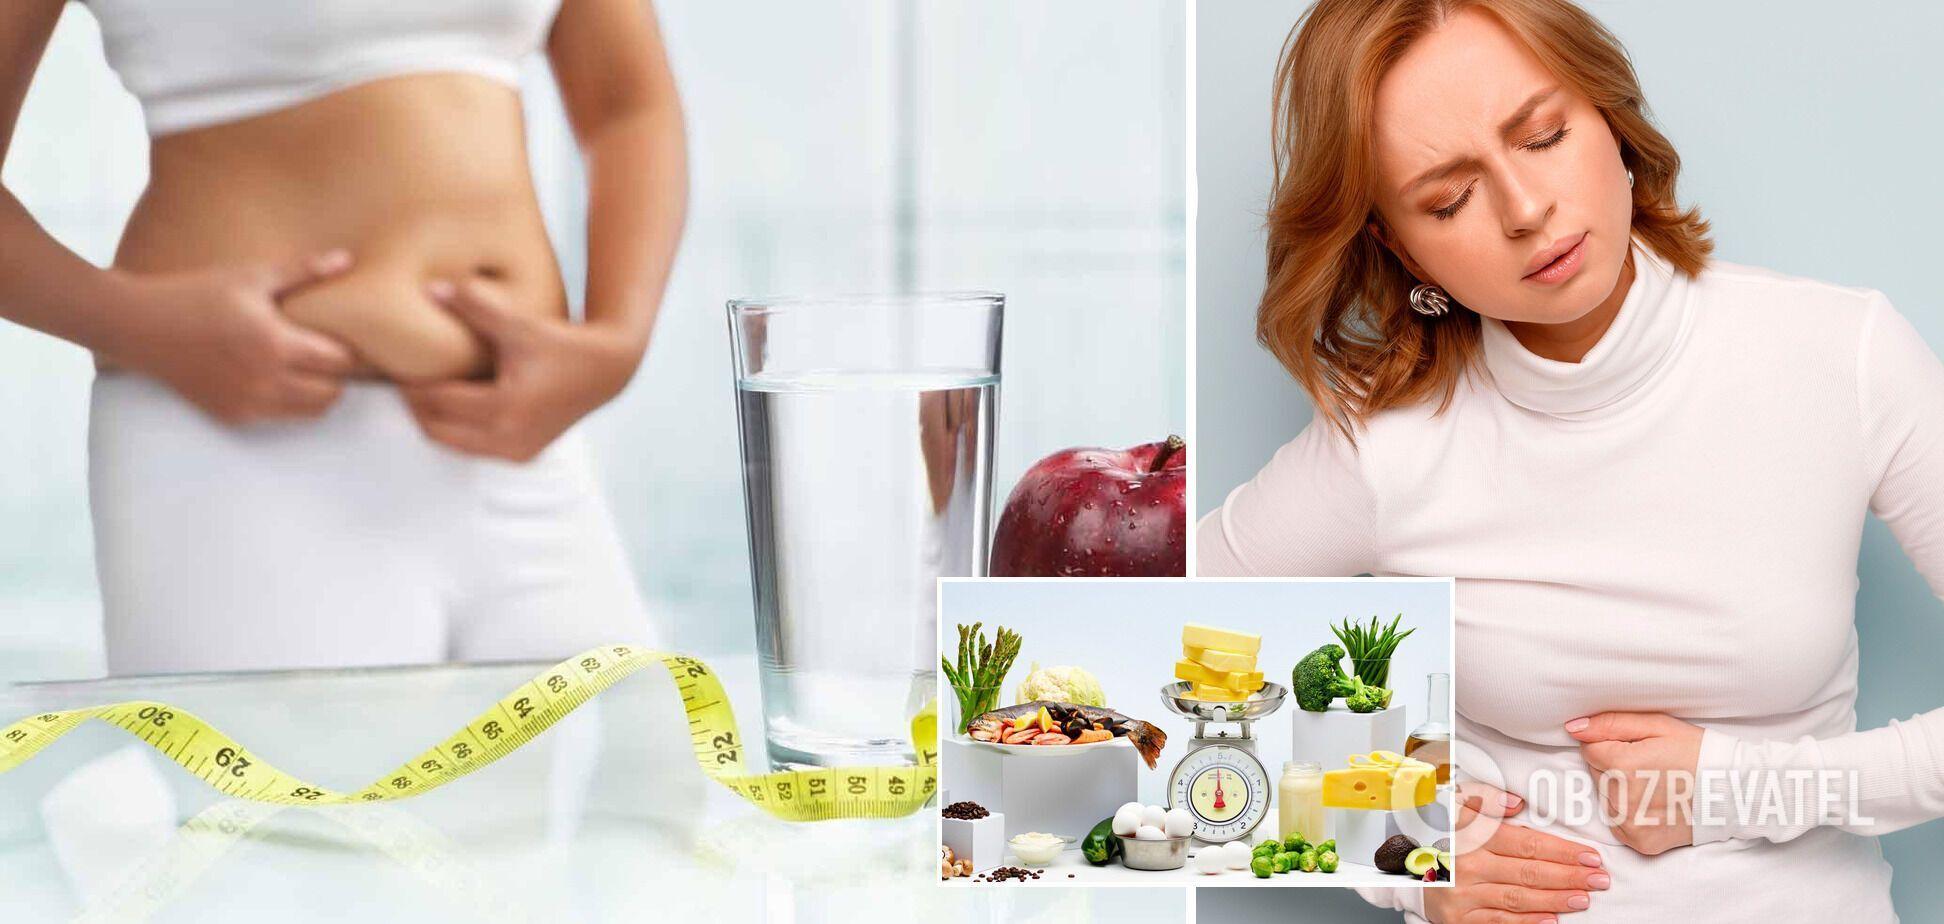 Фахівці дійшли висновку, що кето-дієта може спровокувати певні захворювання